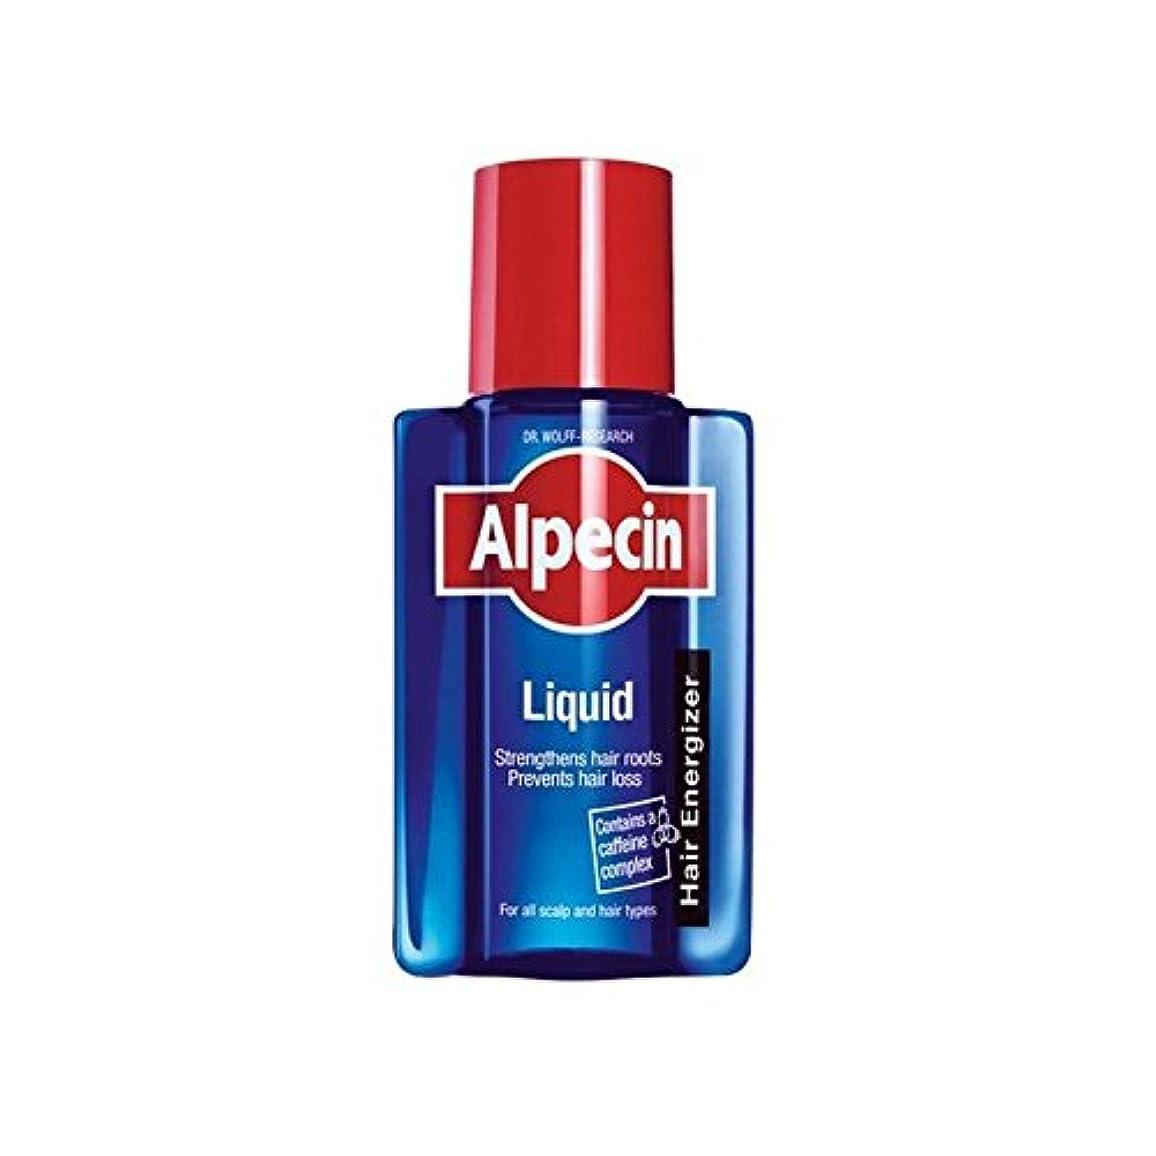 以前は贅沢確かめるAlpecin Liquid (200ml) - 液体(200)中 [並行輸入品]